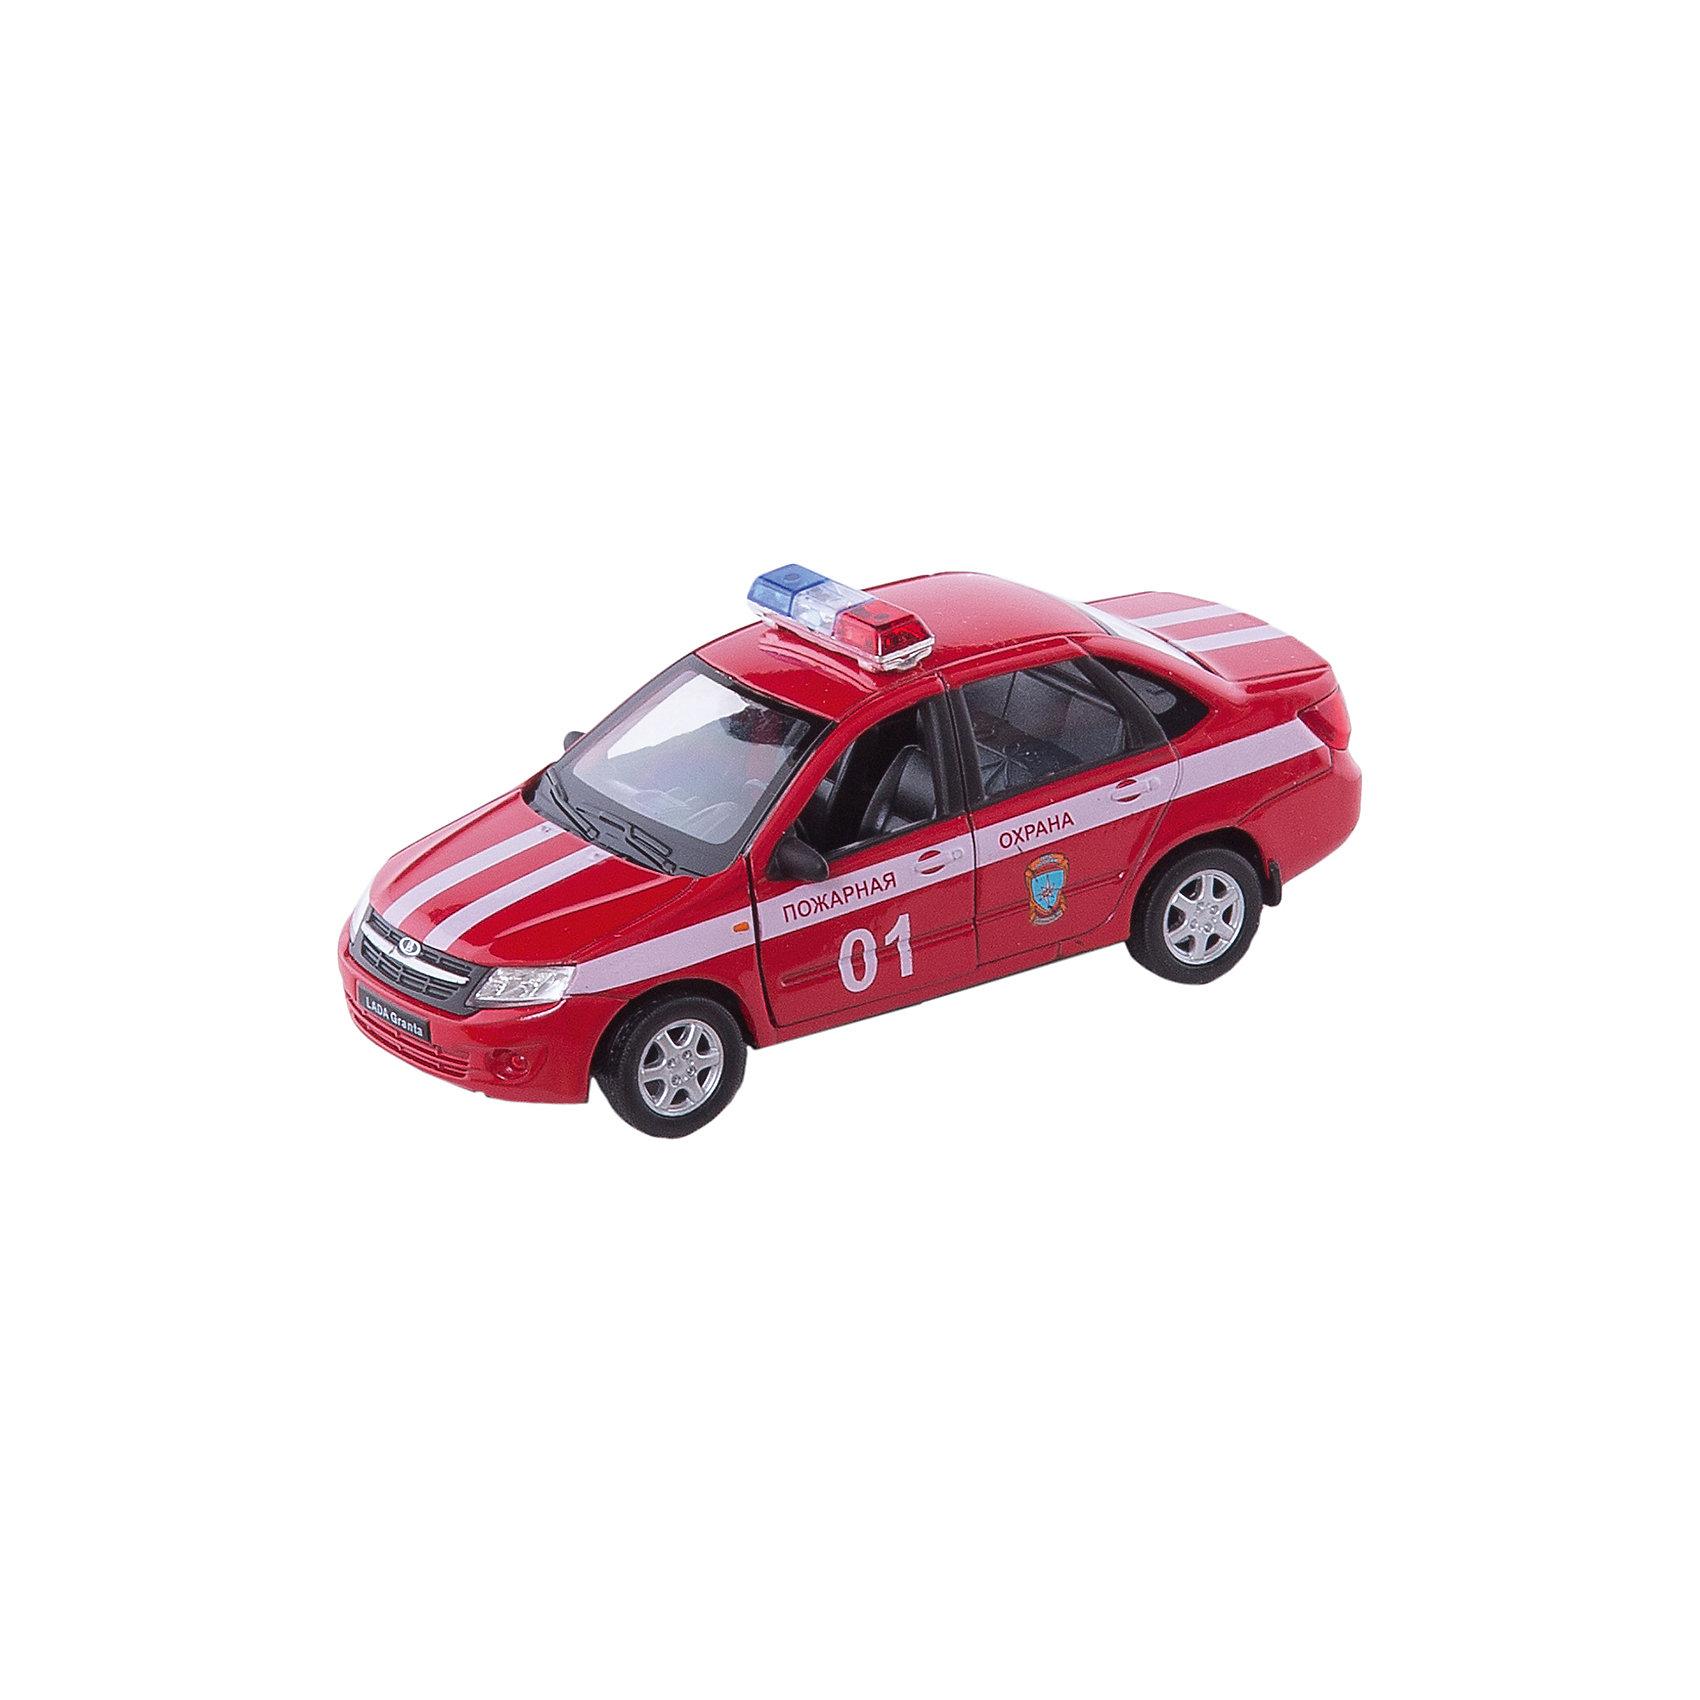 Welly Модель машины 1:34-39 LADA Granta Пожарная охрана, Welly welly 43645pb велли модель машины 1 34 39 lada priora полиция